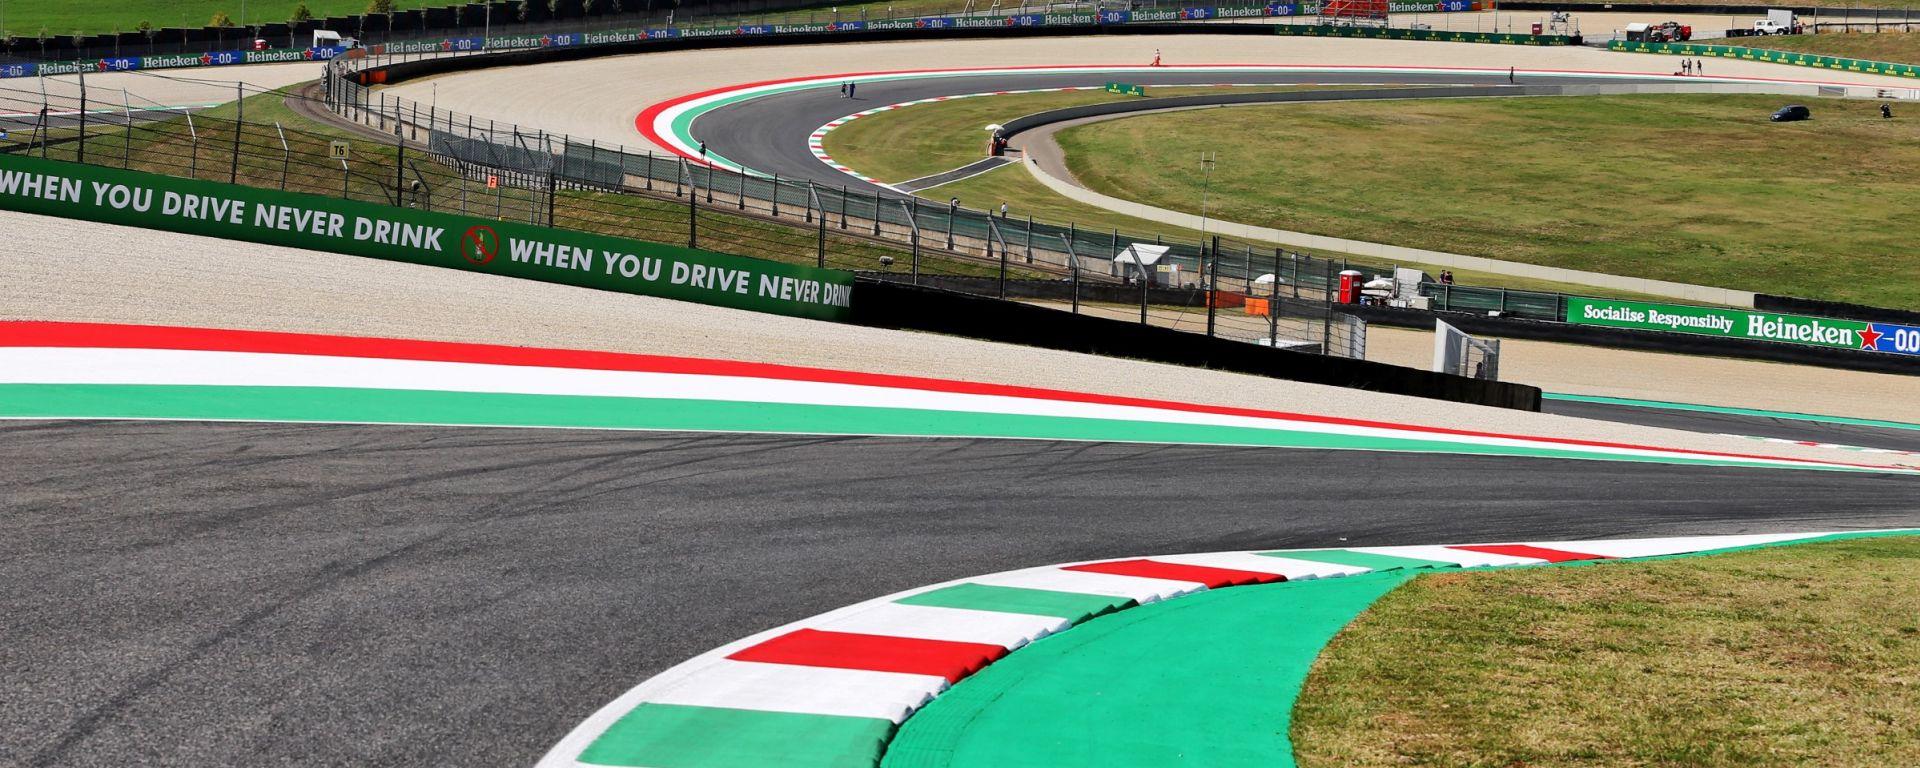 F1, GP Toscana 2020: la spettacolare sequenza delle curve Casanova e Savelli sul circuito del Mugello